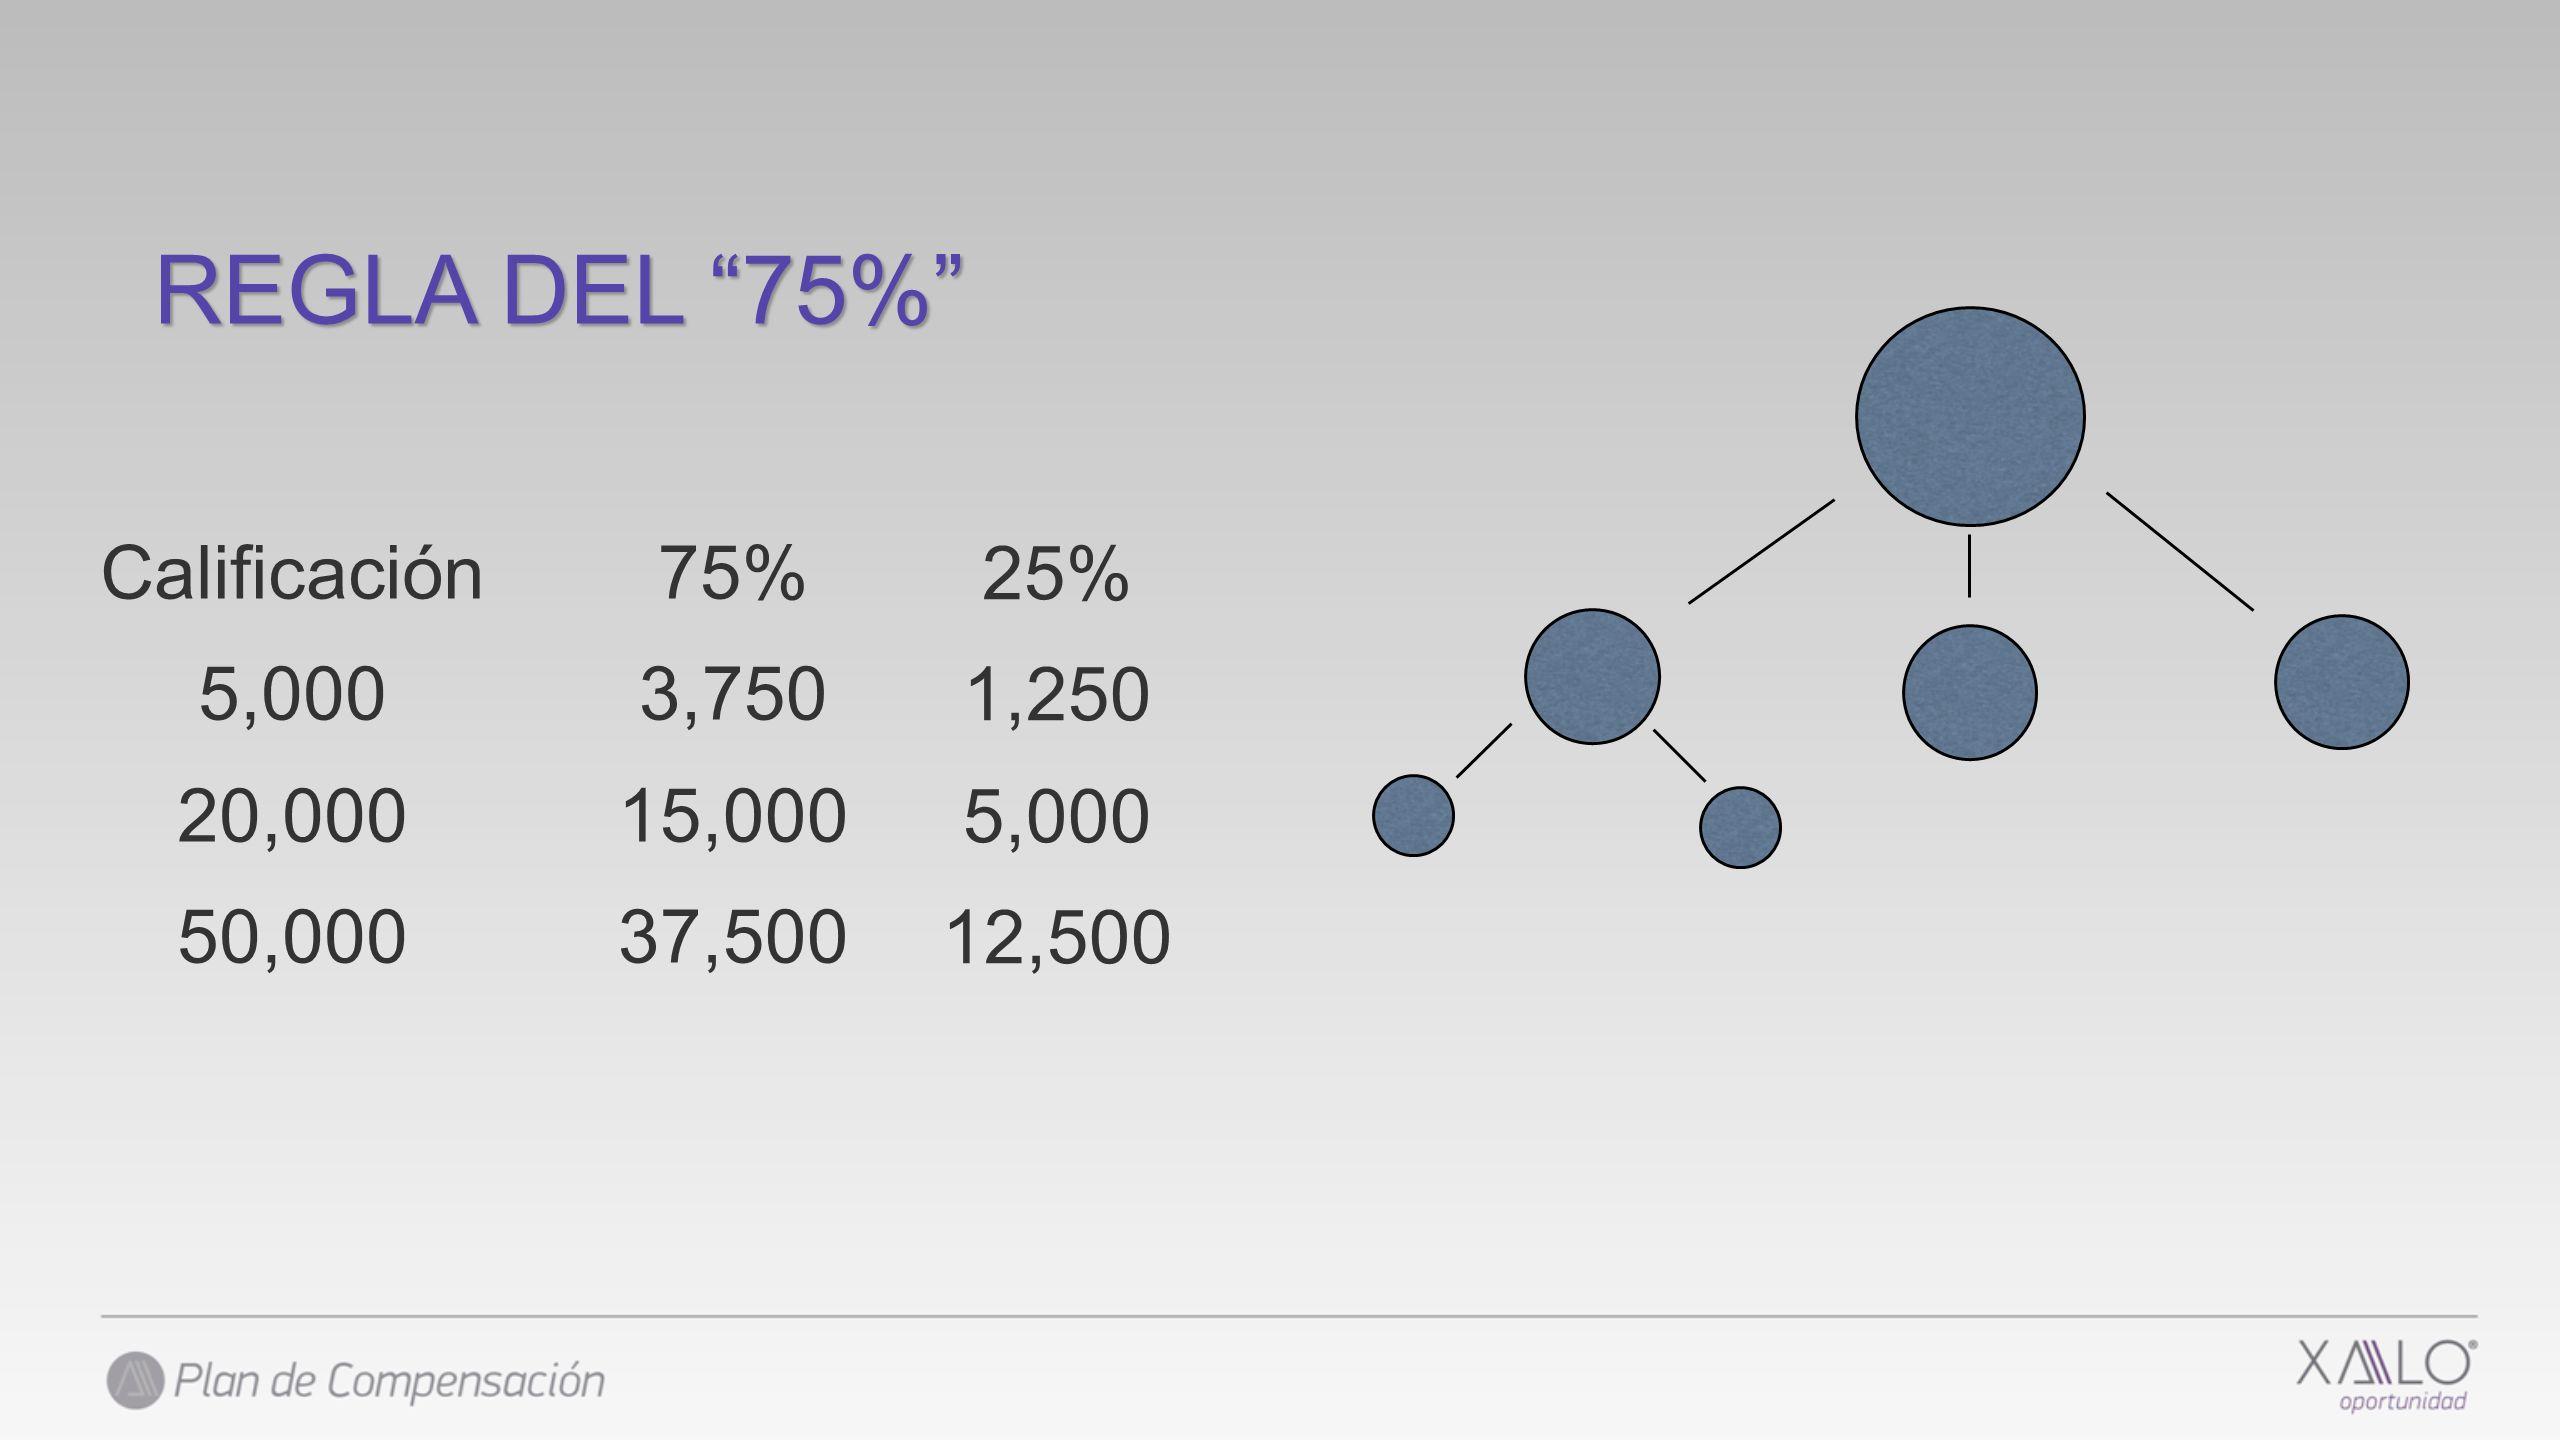 75% 3,750 15,000 37,500 Calificación 5,000 20,000 50,000 REGLA DEL 75% 25% 1,250 5,000 12,500